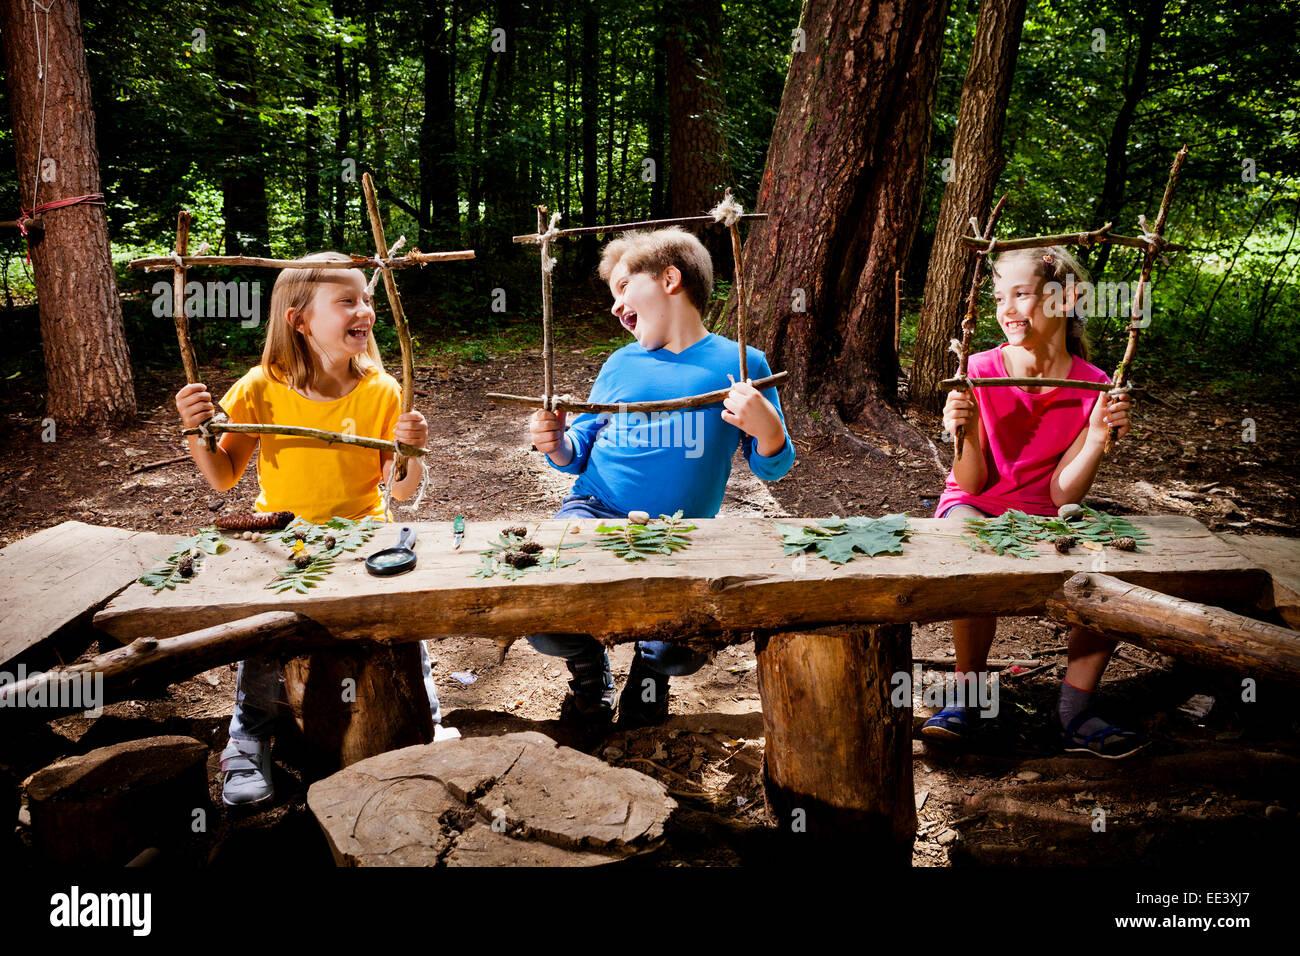 L'élaboration d'enfants dans un camp forestier, Munich, Bavière, Allemagne Photo Stock